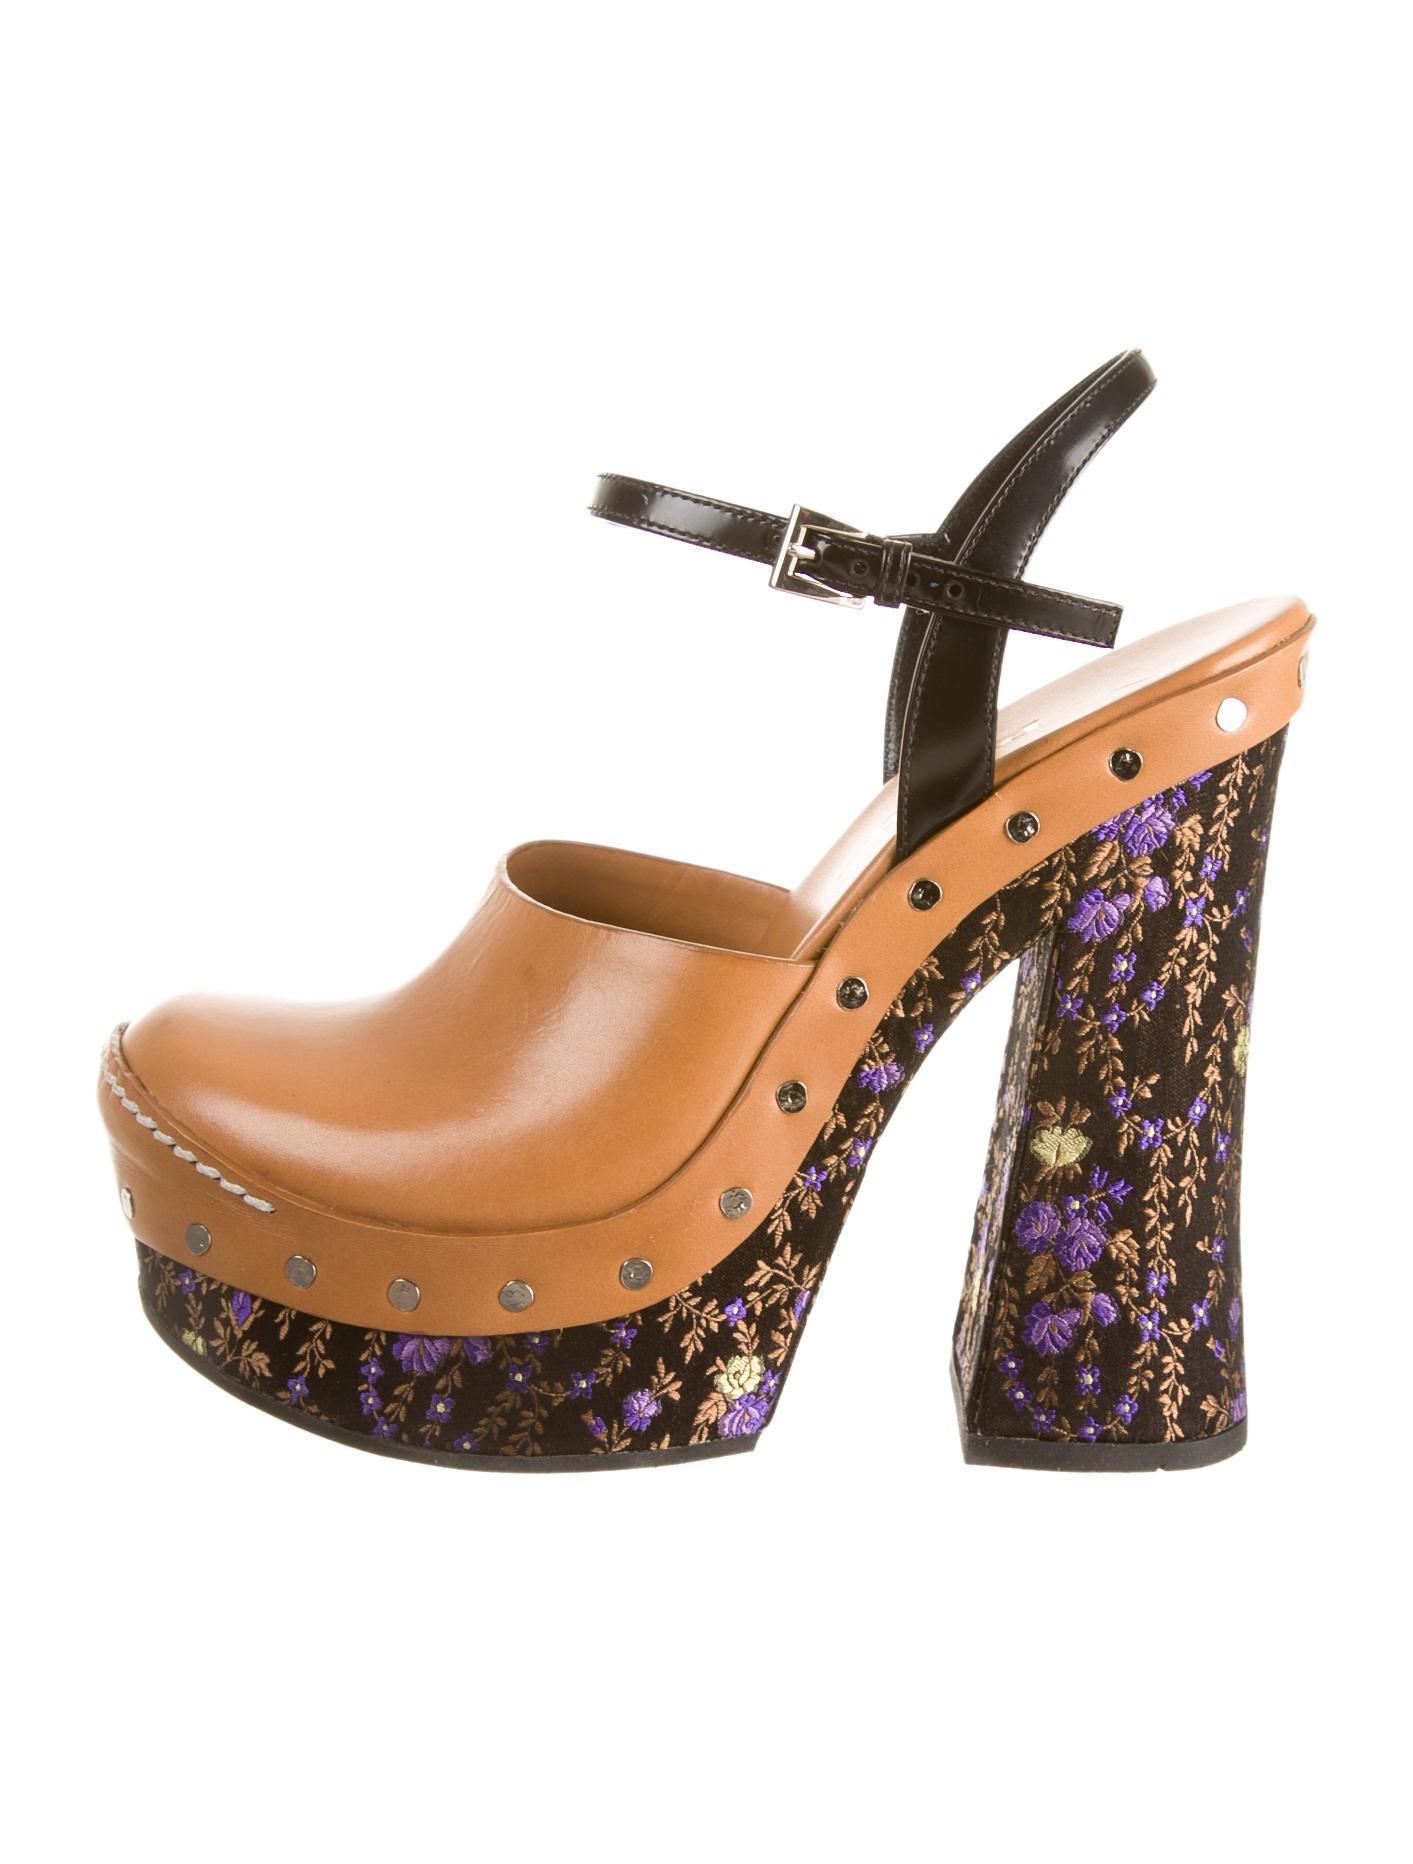 cf2526353f03b5 Prada Platform Clogs - Shoes - PRA40710